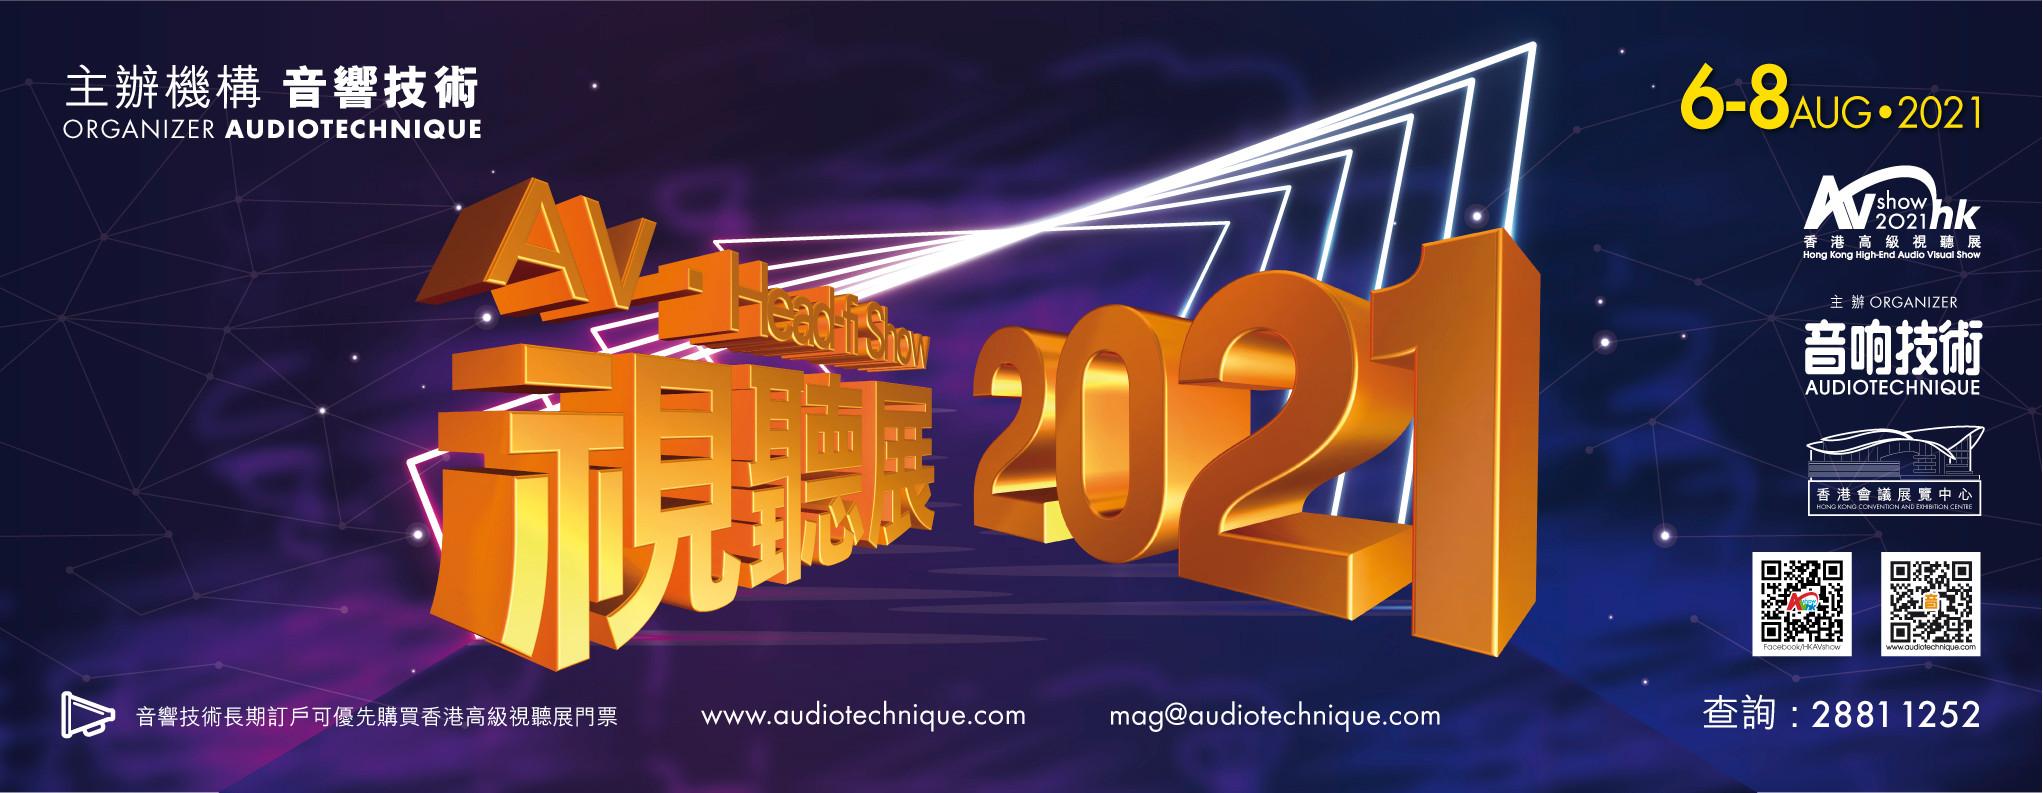 2021.web-2042x792-01.jpg